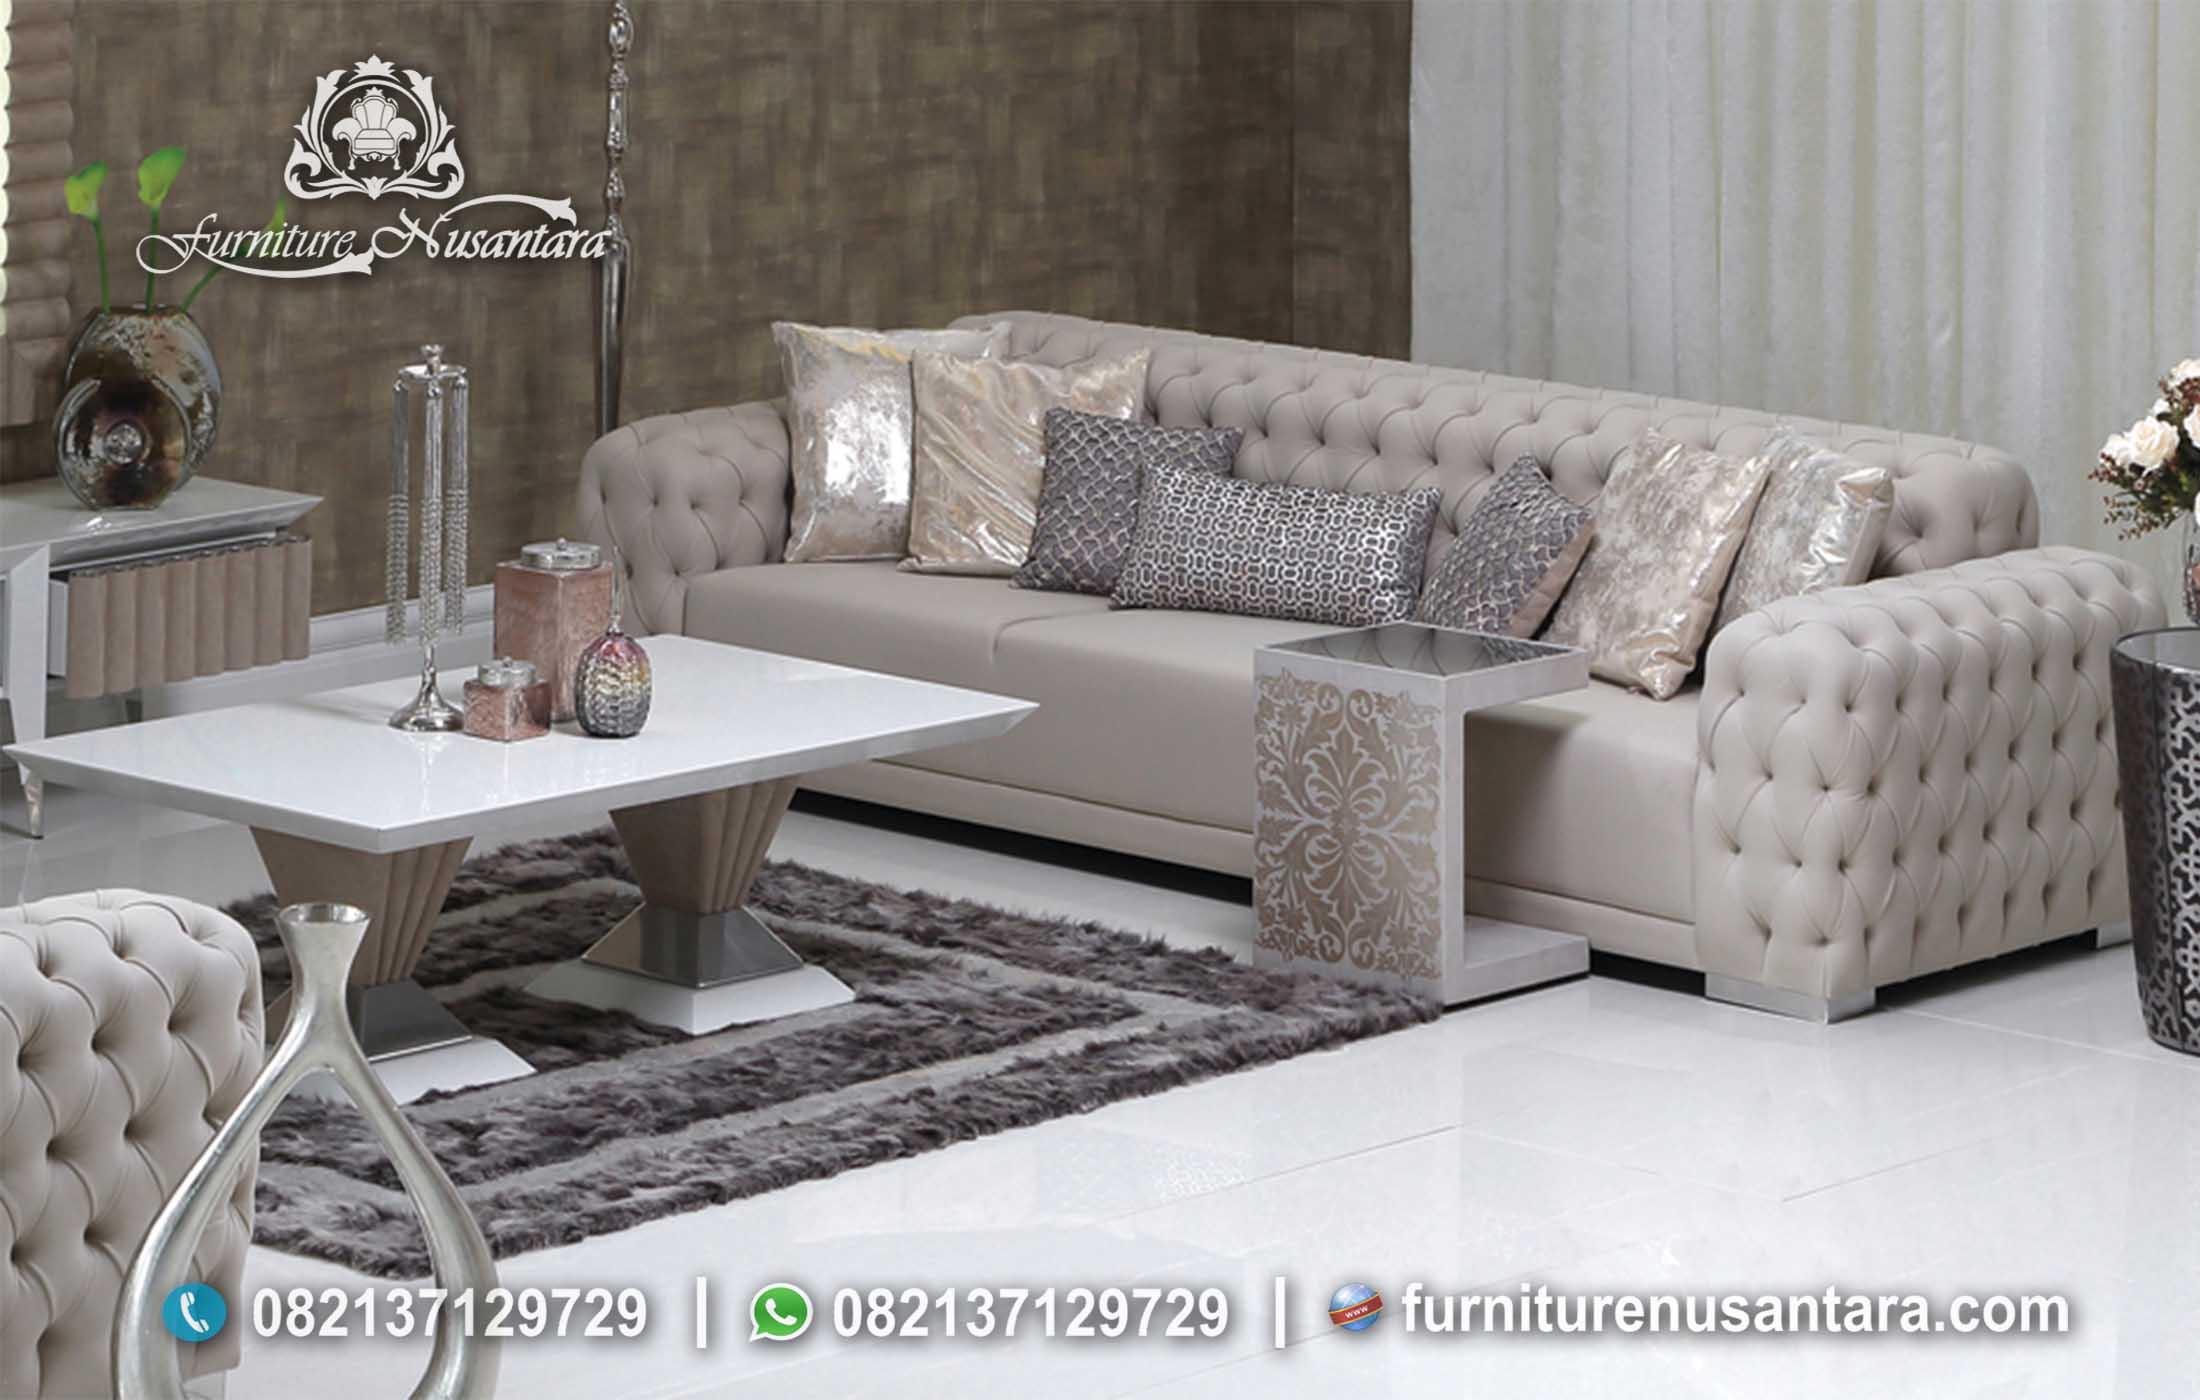 Jual Sofa Bed Ruang Keluarga St 75 Furniture Nusantara Harga sofa ruang keluarga